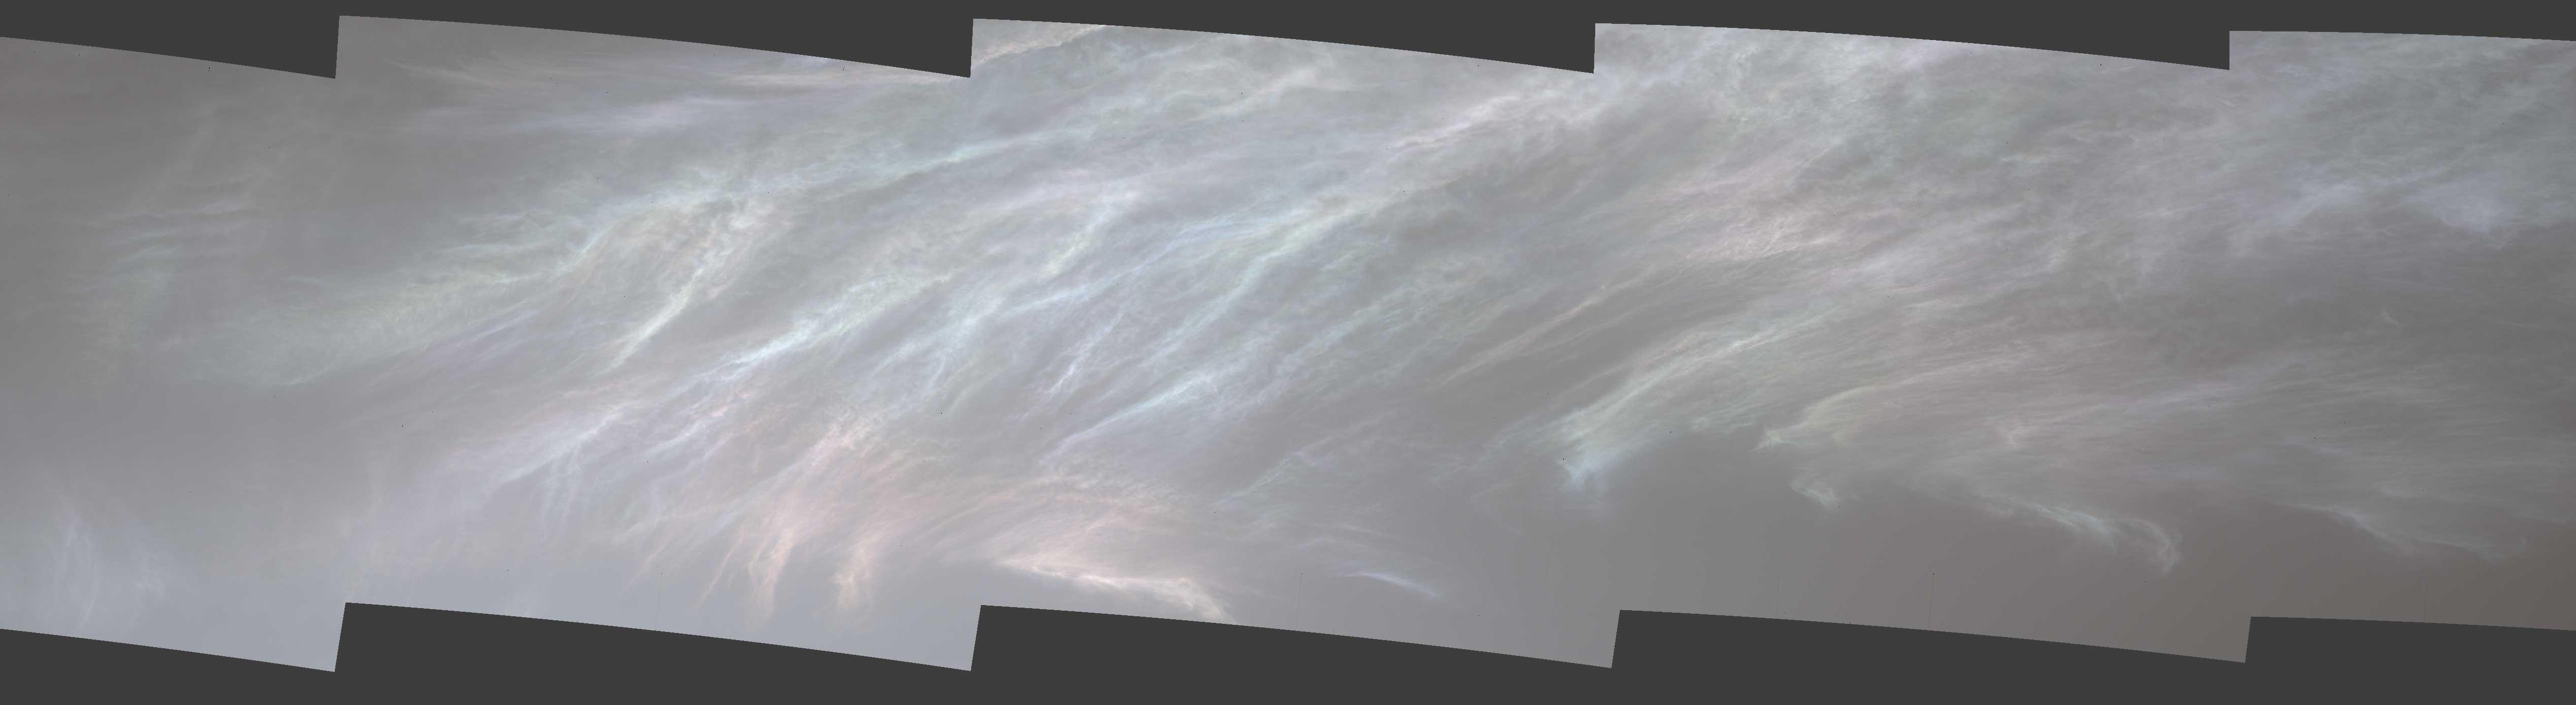 Ровер NASA Curiosity снял сияющие облака на Марсе – анимированные фото